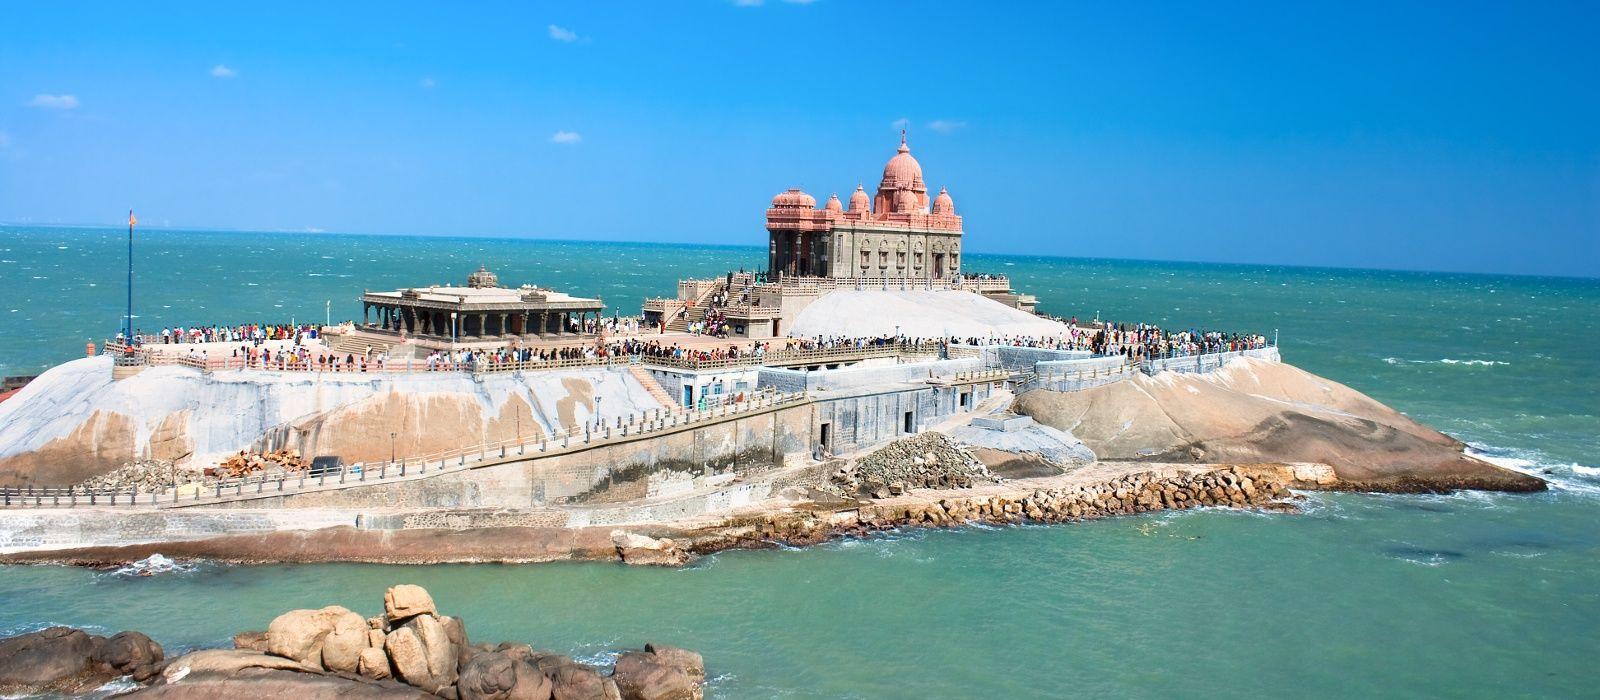 Destination Kanyakumari South India